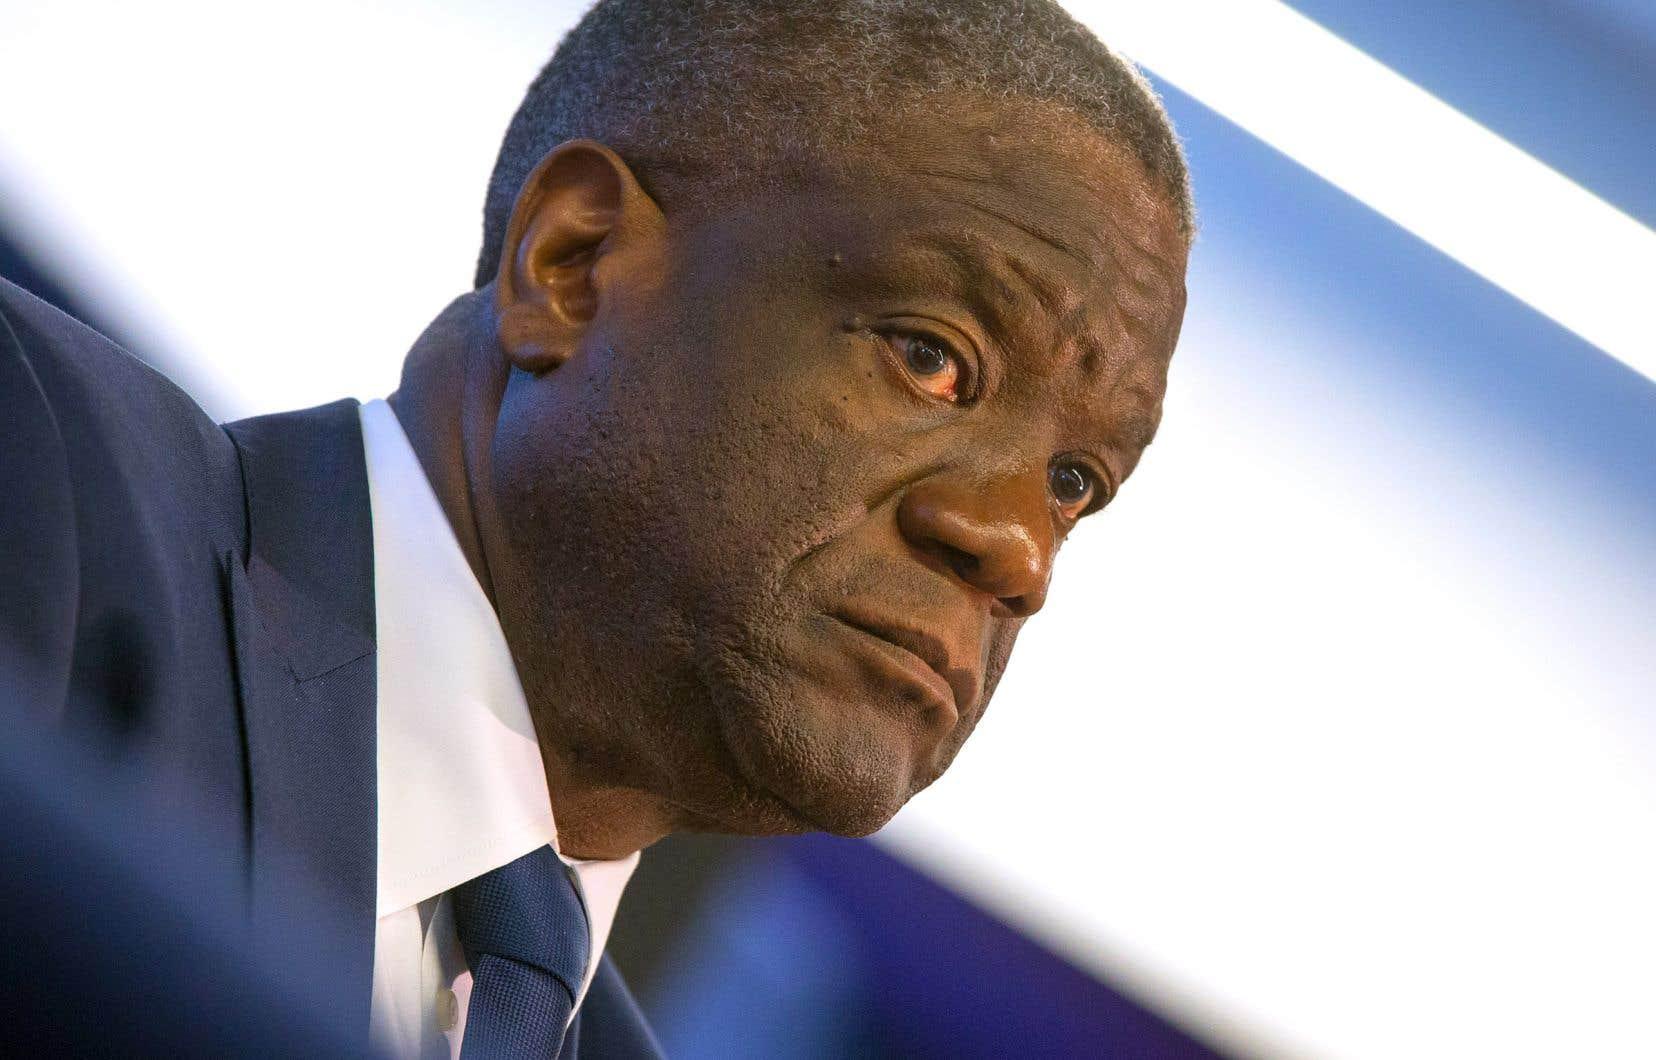 De passage à Montréal, le Dr Denis Mukwege a rappelé que la violence sexuelle n'avait ni culture ni frontières, qu'elle était l'affaire de tous.